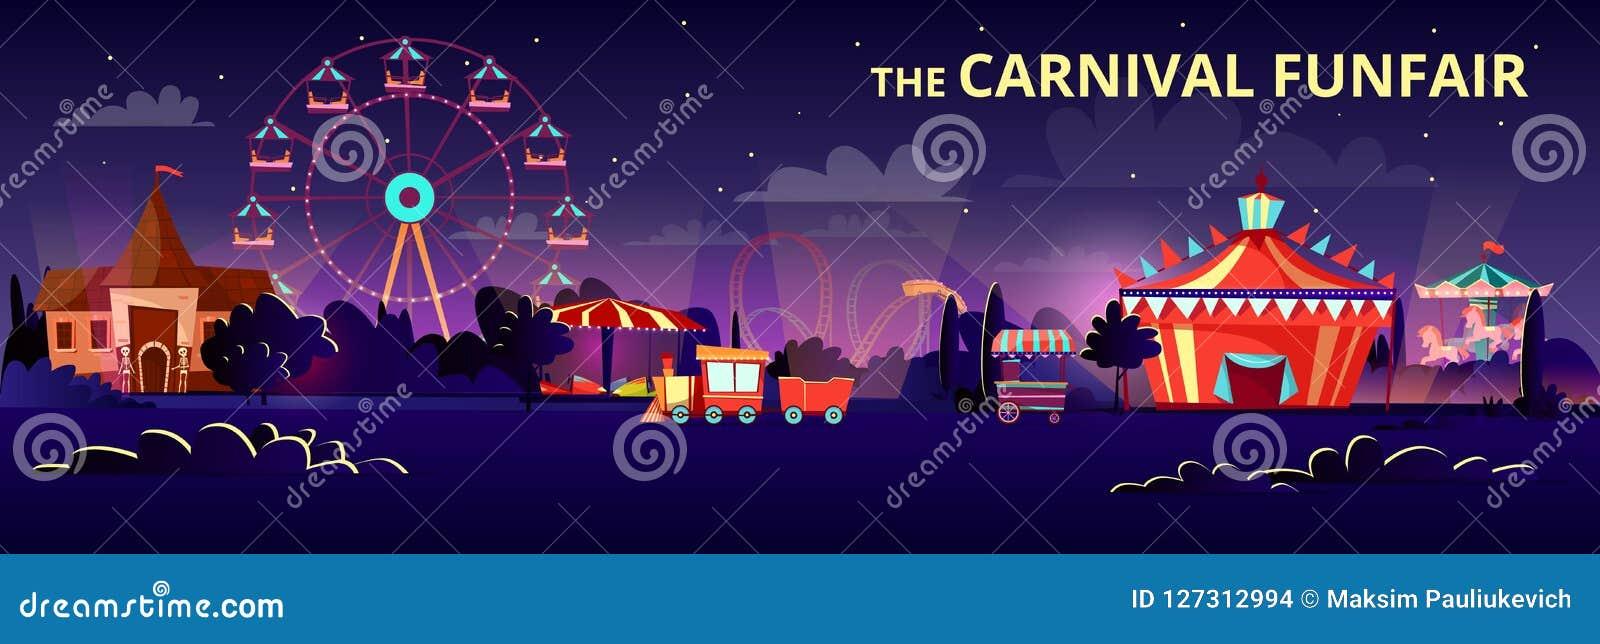 De illustratie van het pretparkbeeldverhaal van Carnaval funfair bij nacht met verlichting van ritten, carrousels en circustent